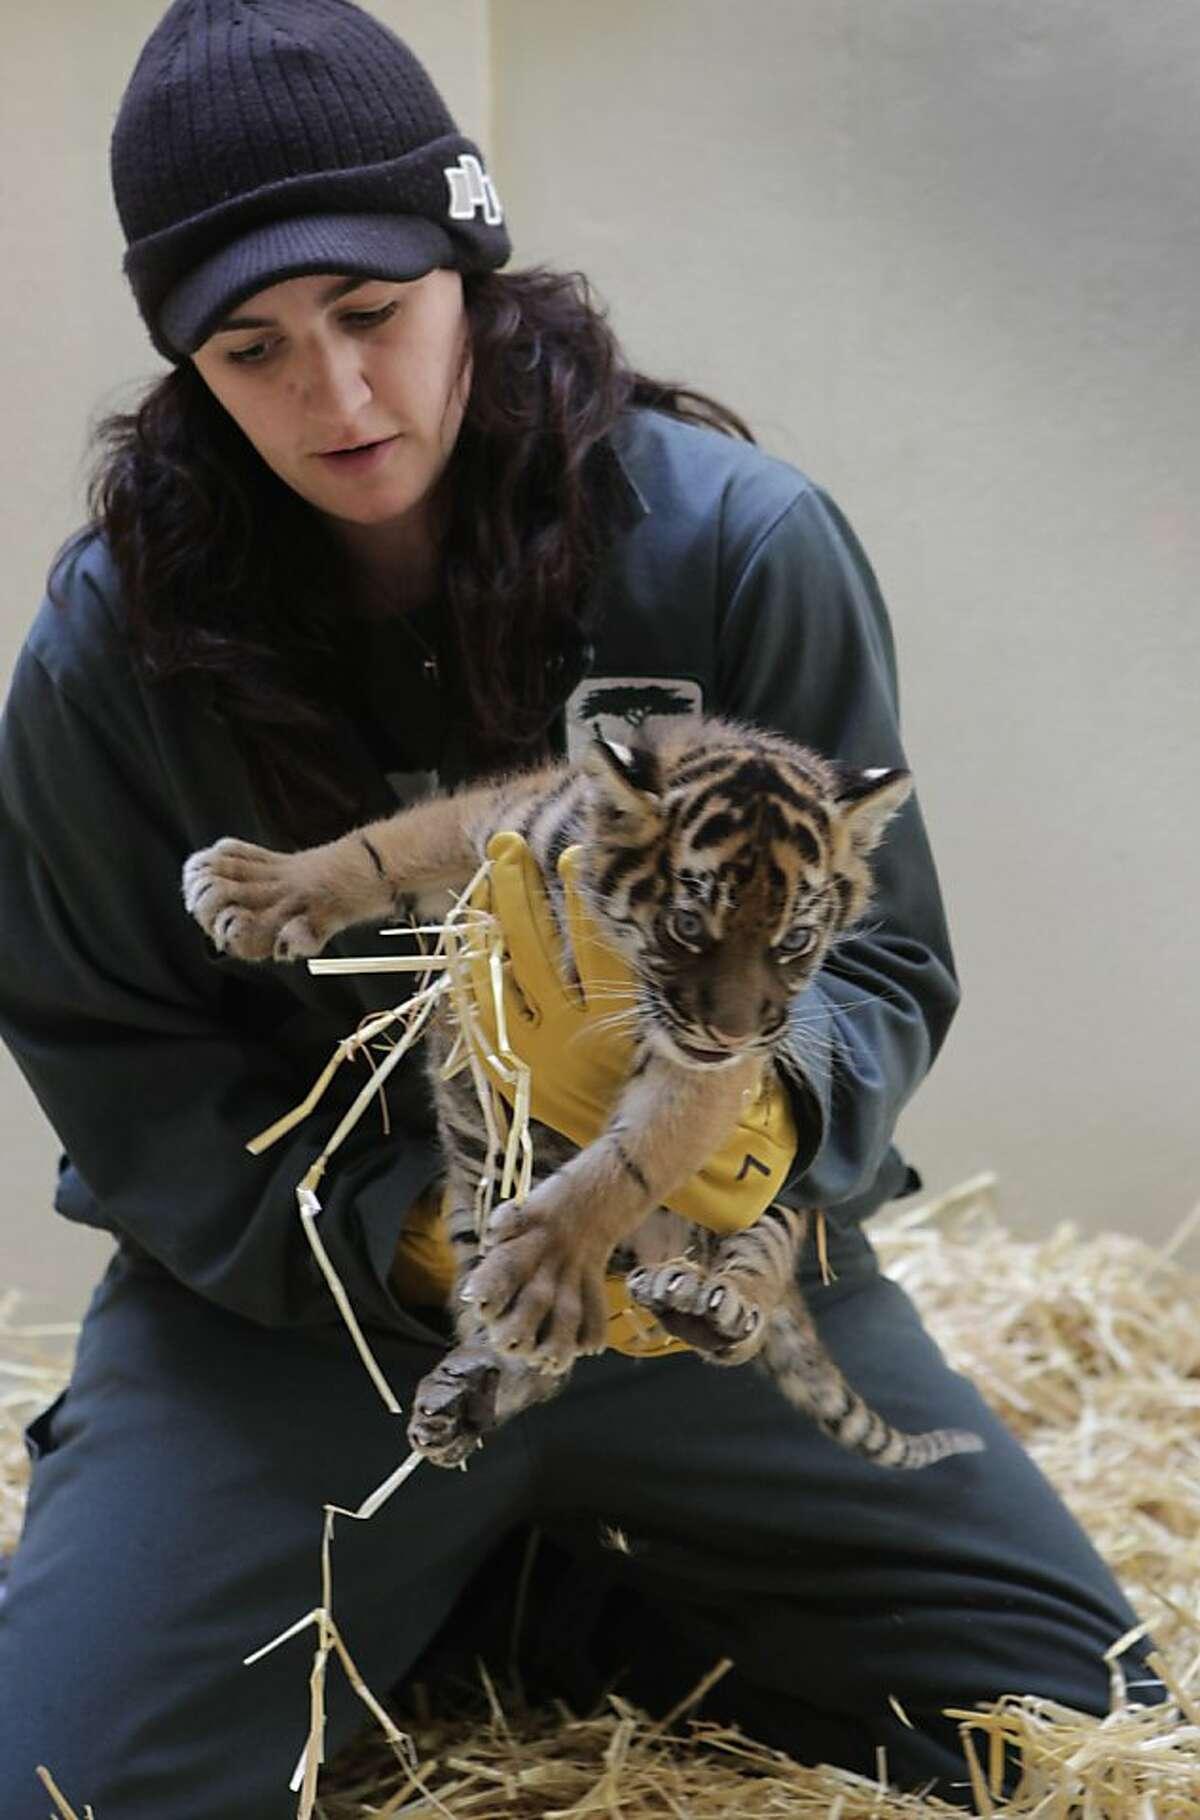 Amy Corso tends to a Sumatran tiger cub at the San Francisco Zoo in San Francisco, Calif.